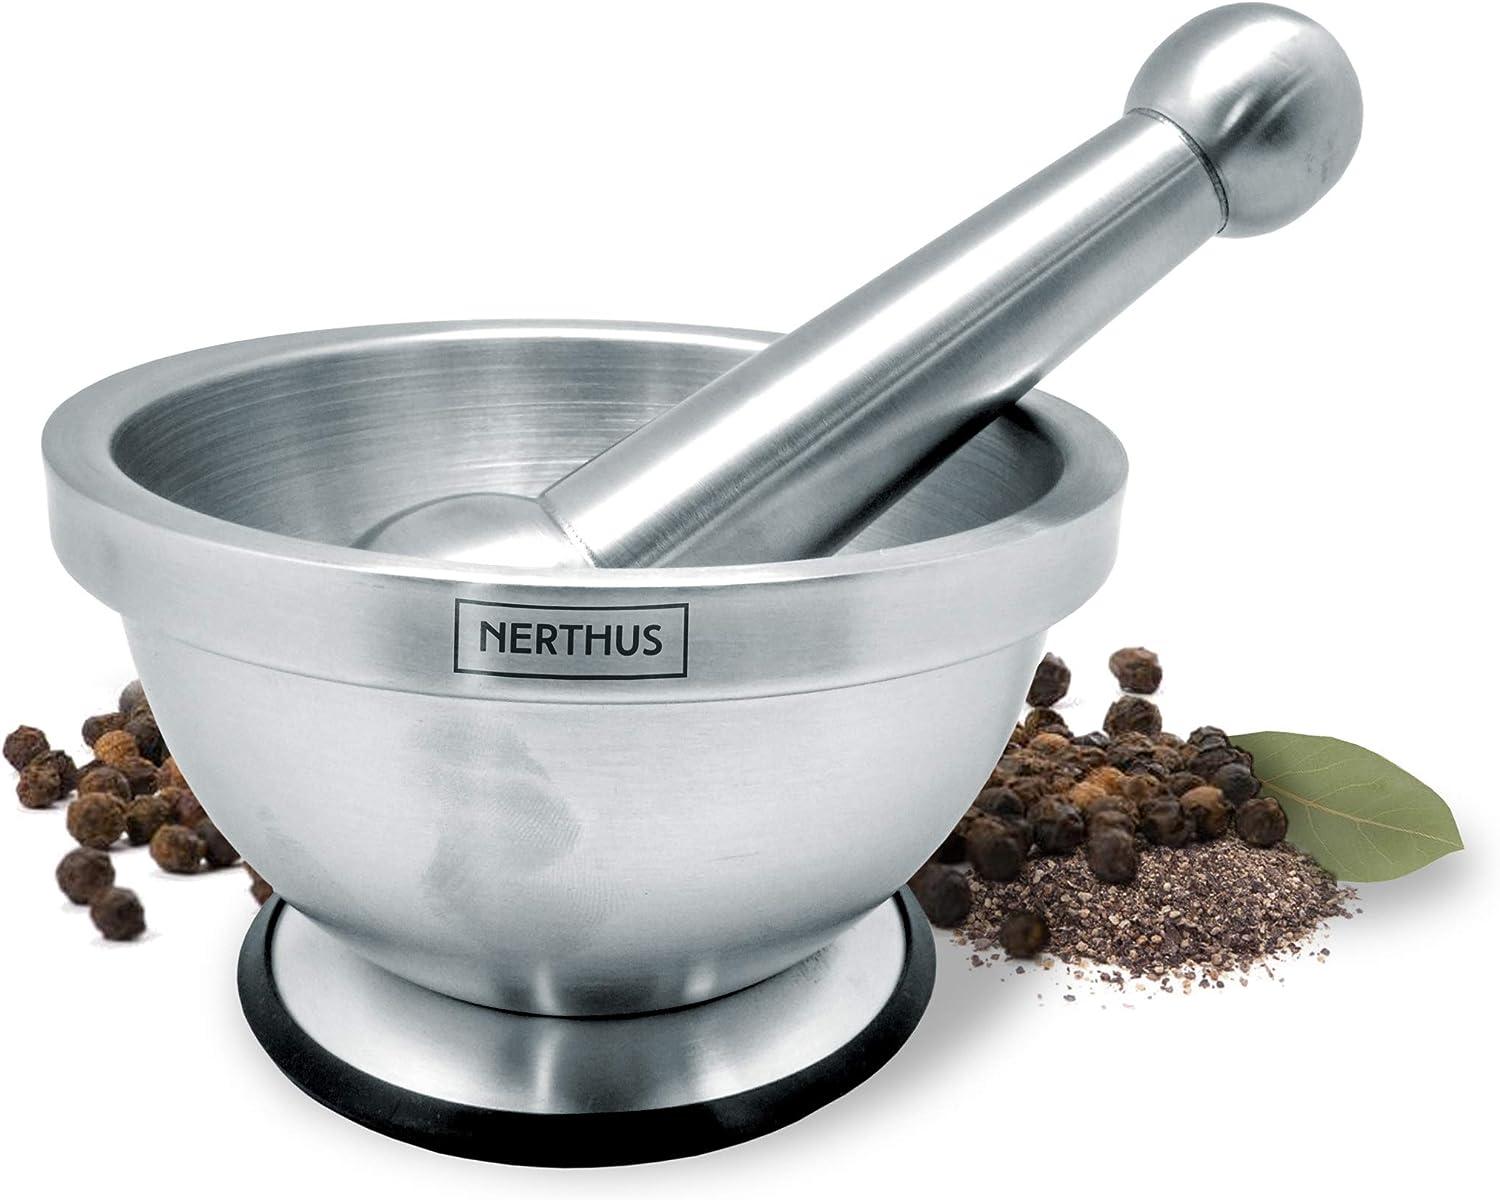 NERTHUS FIH 020 - Mortero de Mano para Especias de Acero Inoxidable, base Antideslizante